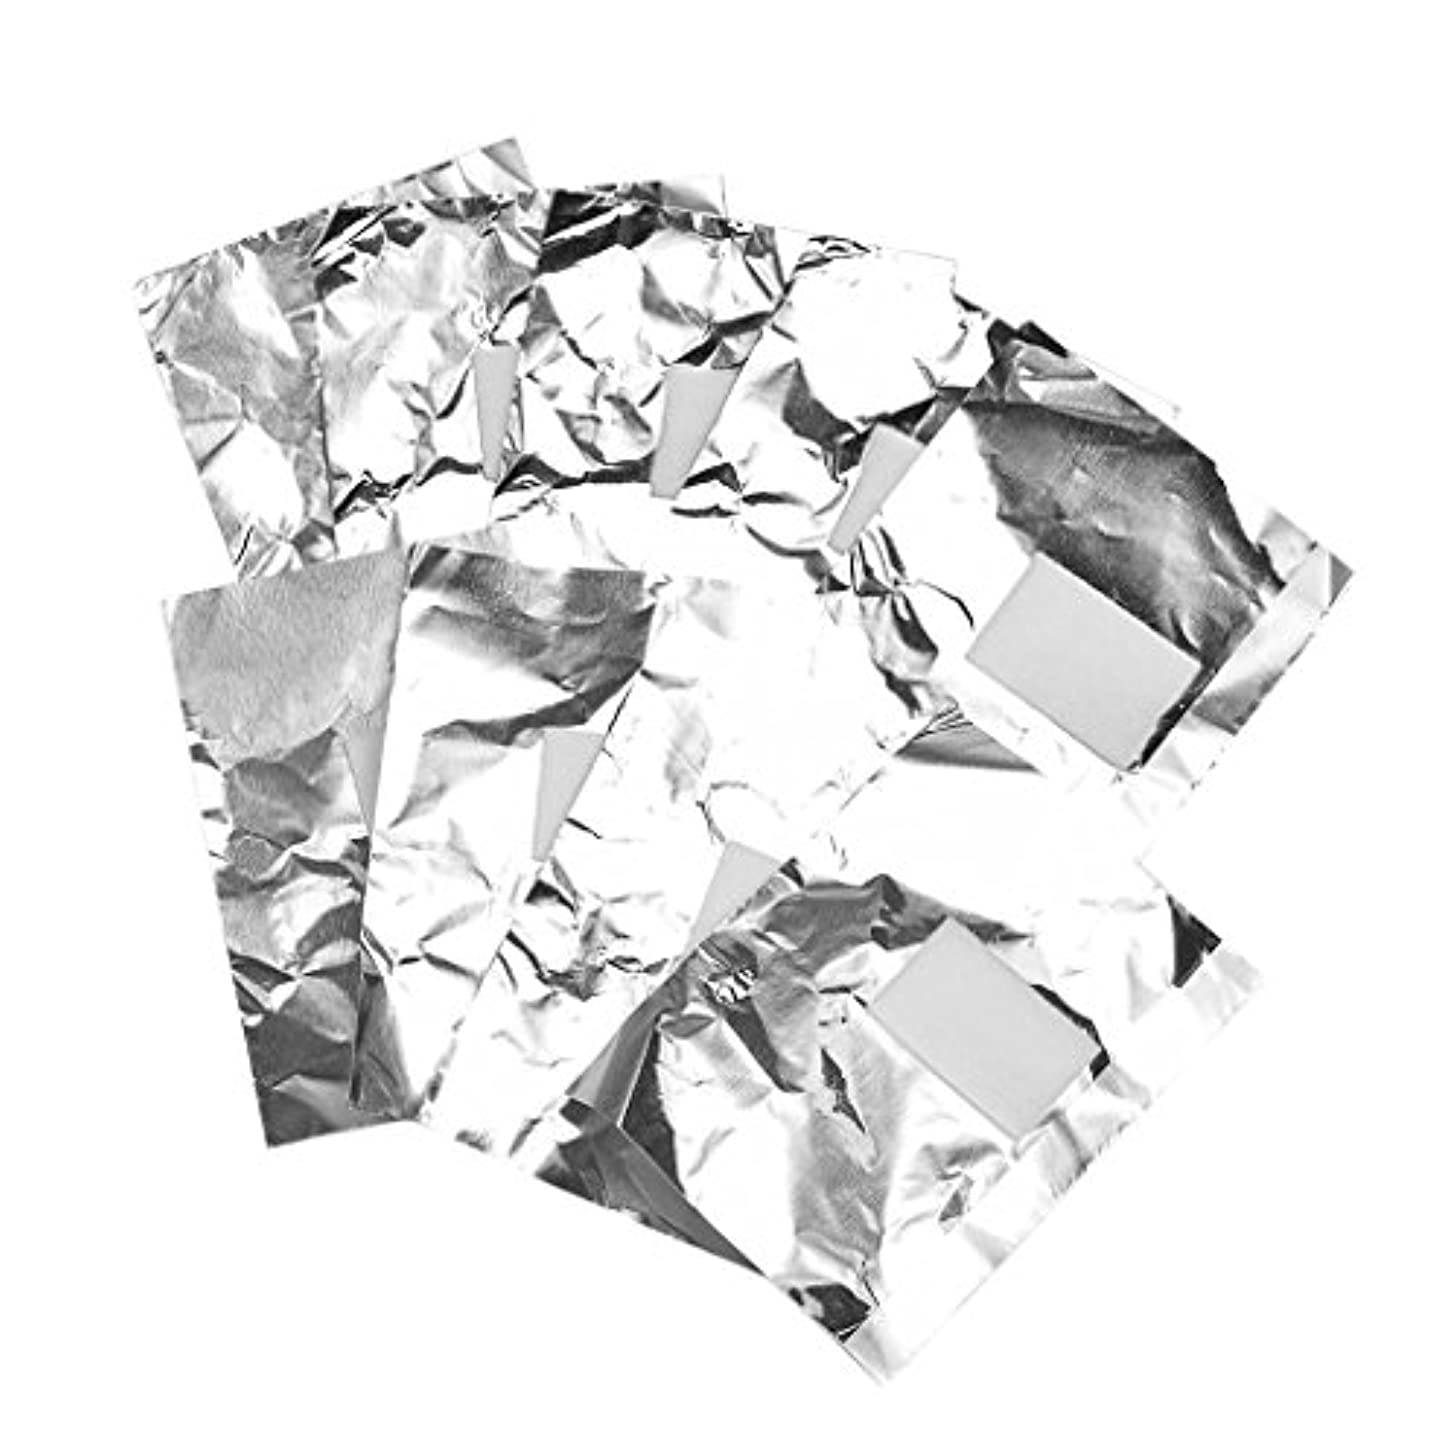 無意味米ドルレルムKesoto 約100枚 ジェル除却 ネイルアート ネイル装飾除き 錫箔紙 ネイルオイル 包み紙 クリーナーツール